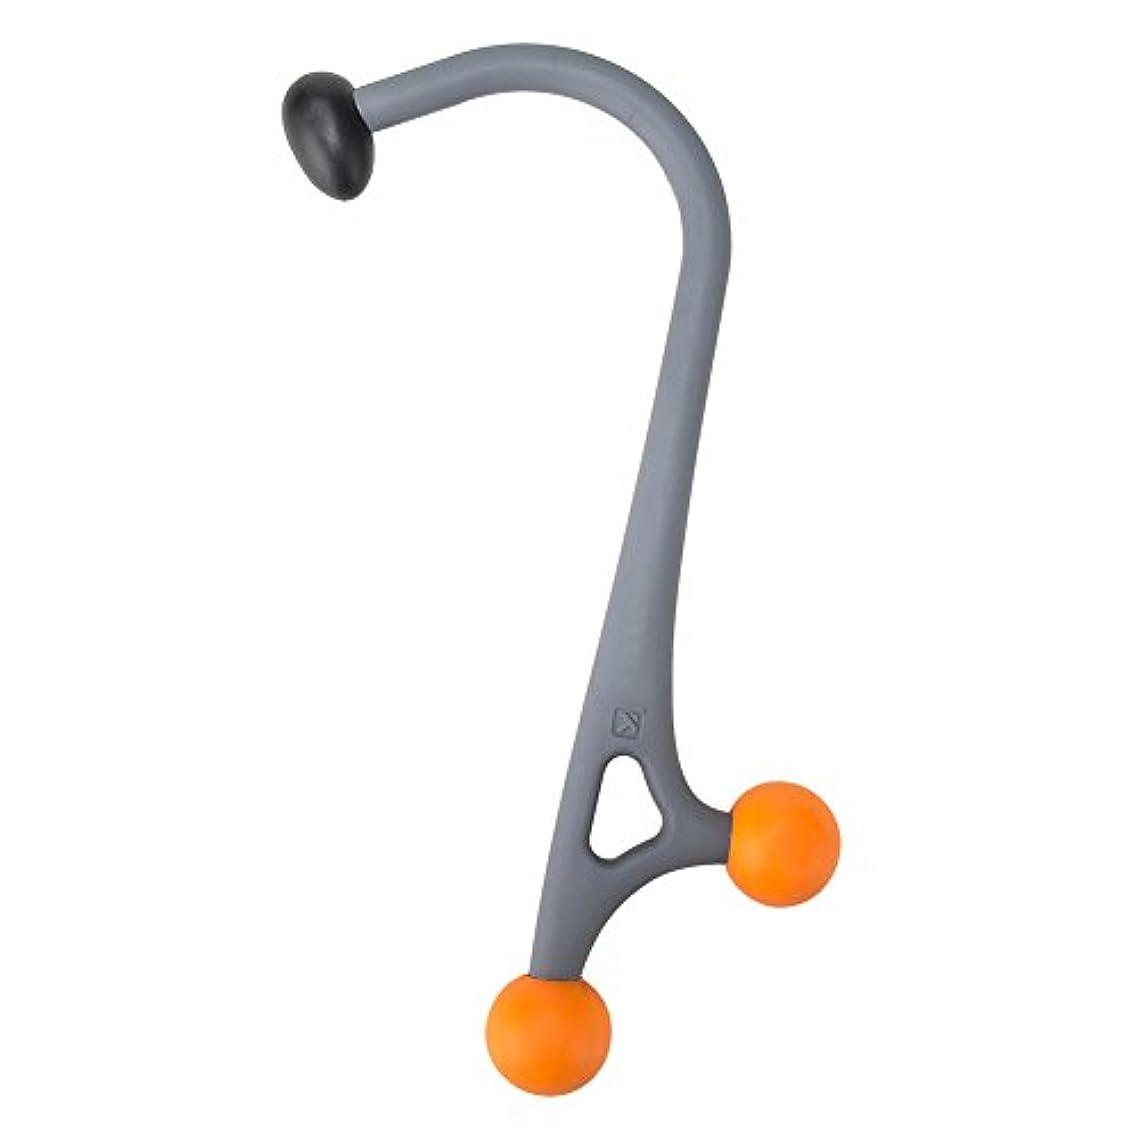 スティーブンソンフィールド展示会[ トリガーポイント ] Trigger Point マッサージ アキュカーブケイン マッサージスティック ツボ押し HANDHELDS Acucurve Cane 04429 グレー/オレンジ [並行輸入品]